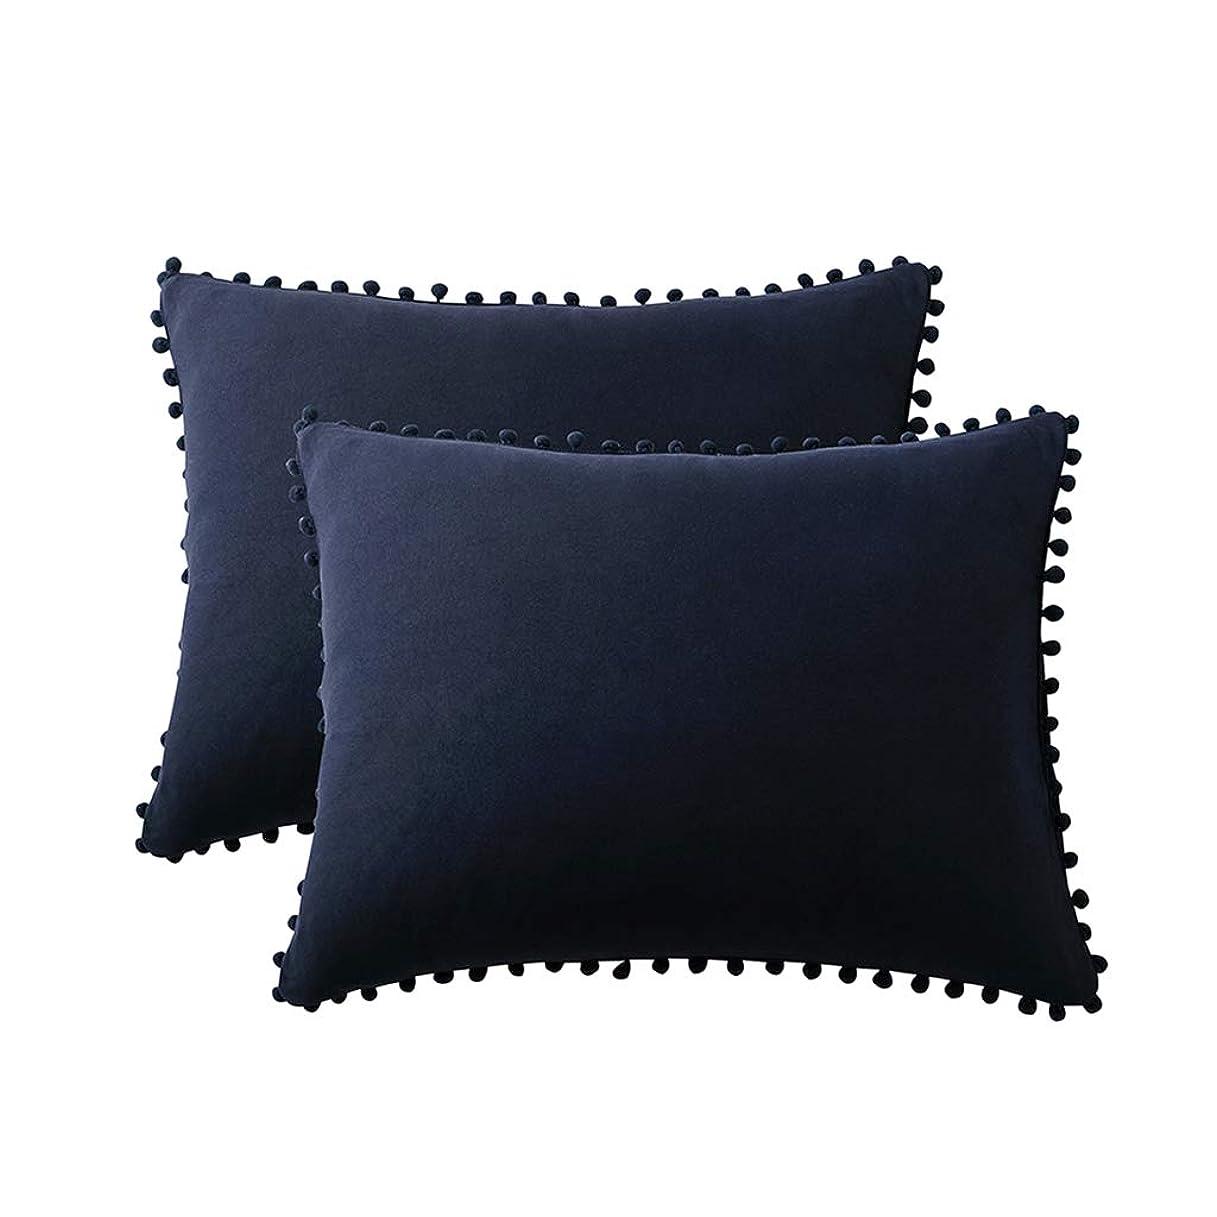 ヘア接続された小間2個 枕カバー 無地 ピローケース ポリエステル製 洗える 51x66cm - 濃紺